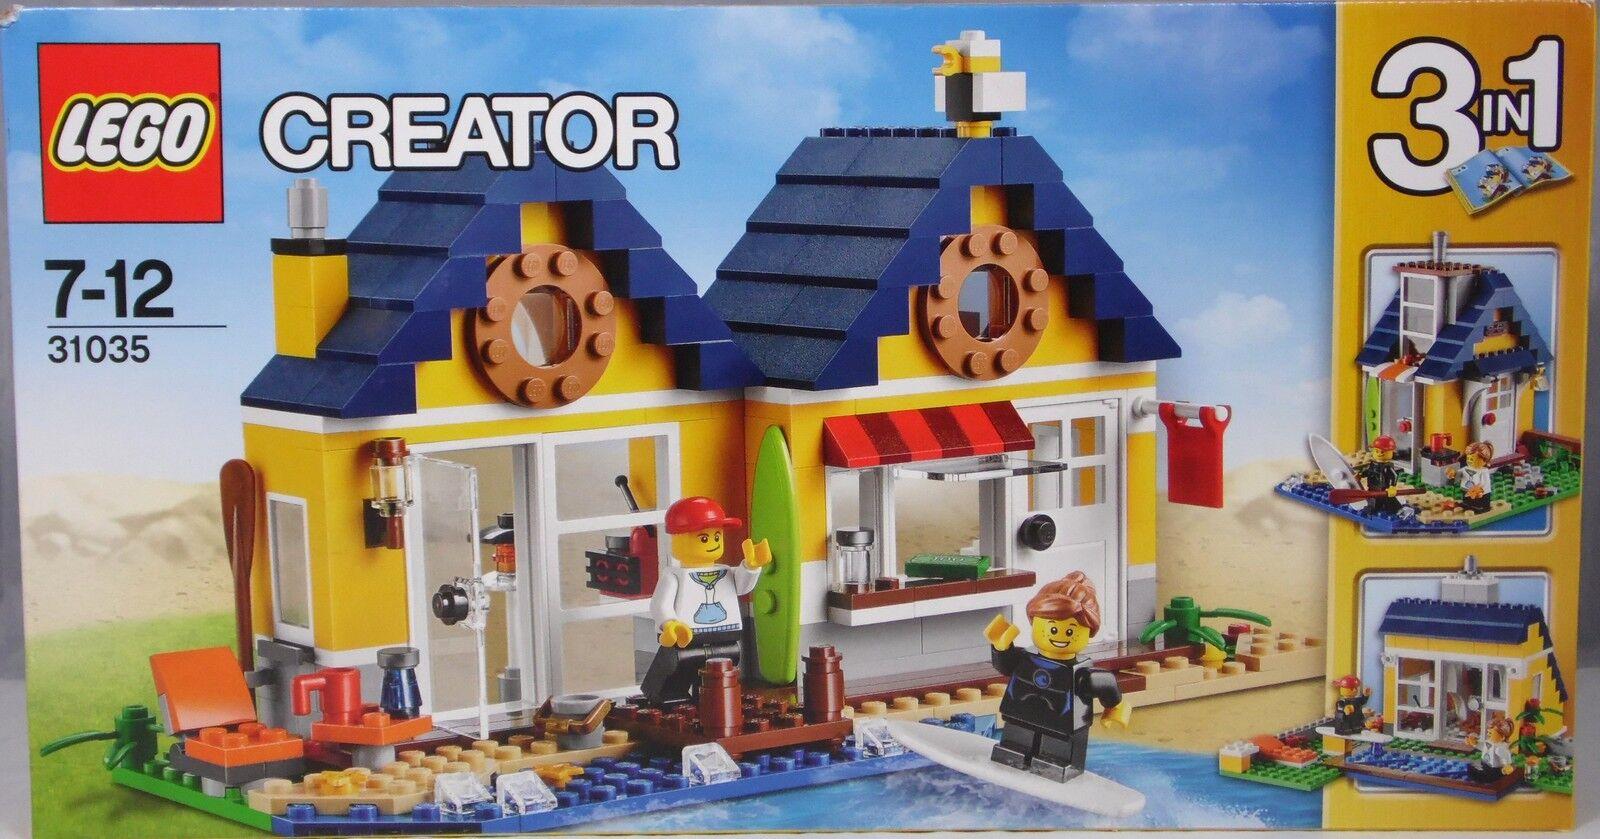 Lego Creator 31035 Strandhütte 3 in in in 1 Badehaus Ferienhaus mit 2 Figuren NEU bba395